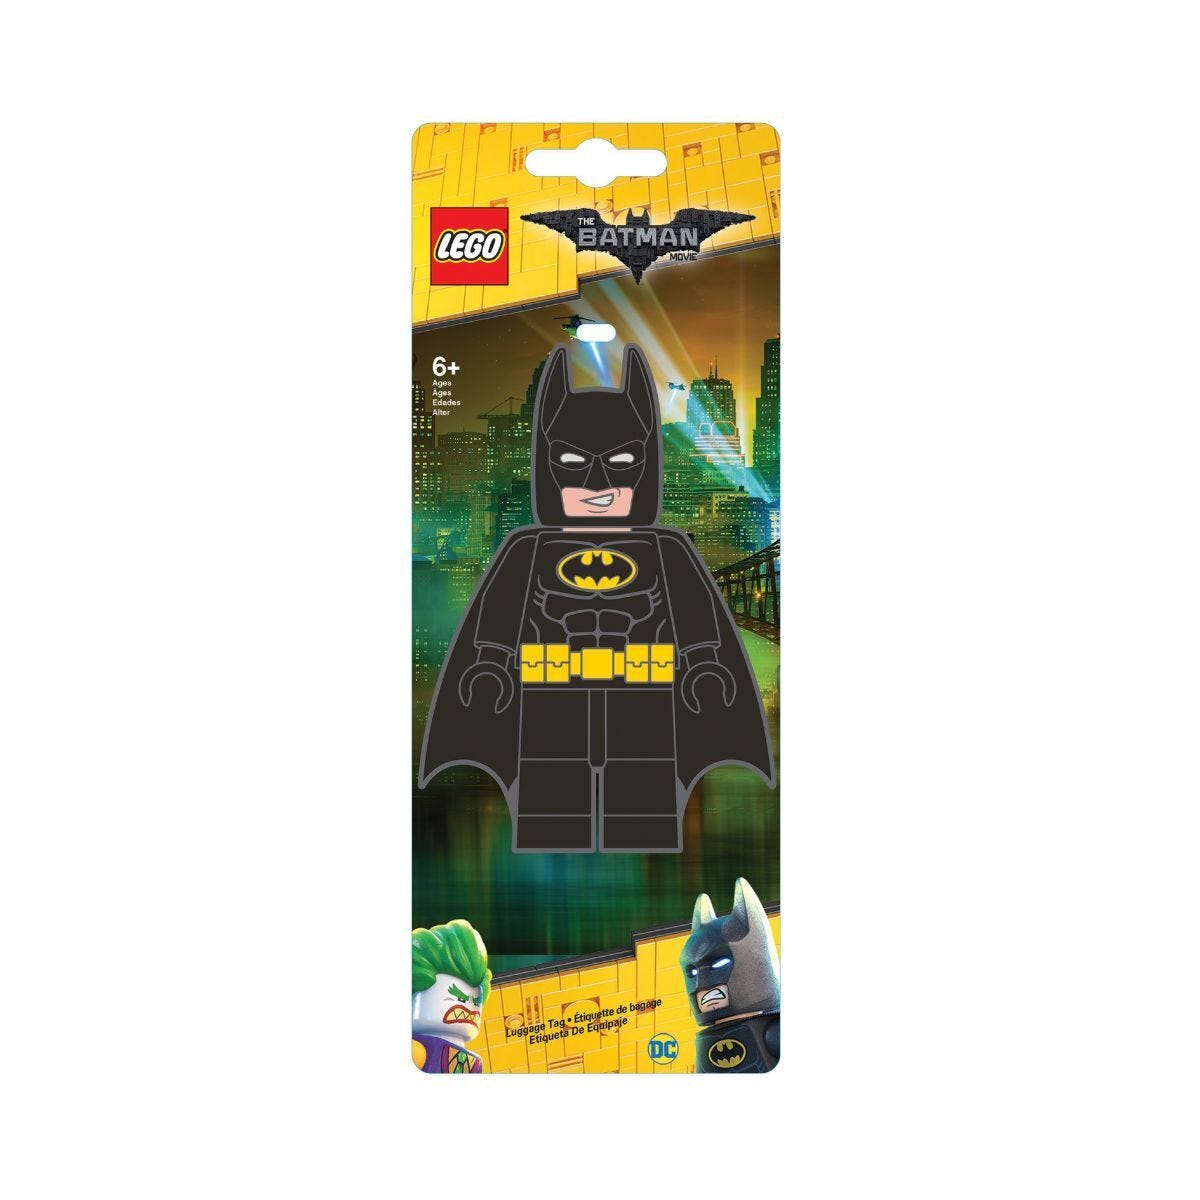 LEGO Batman and Friends Luggage Tag